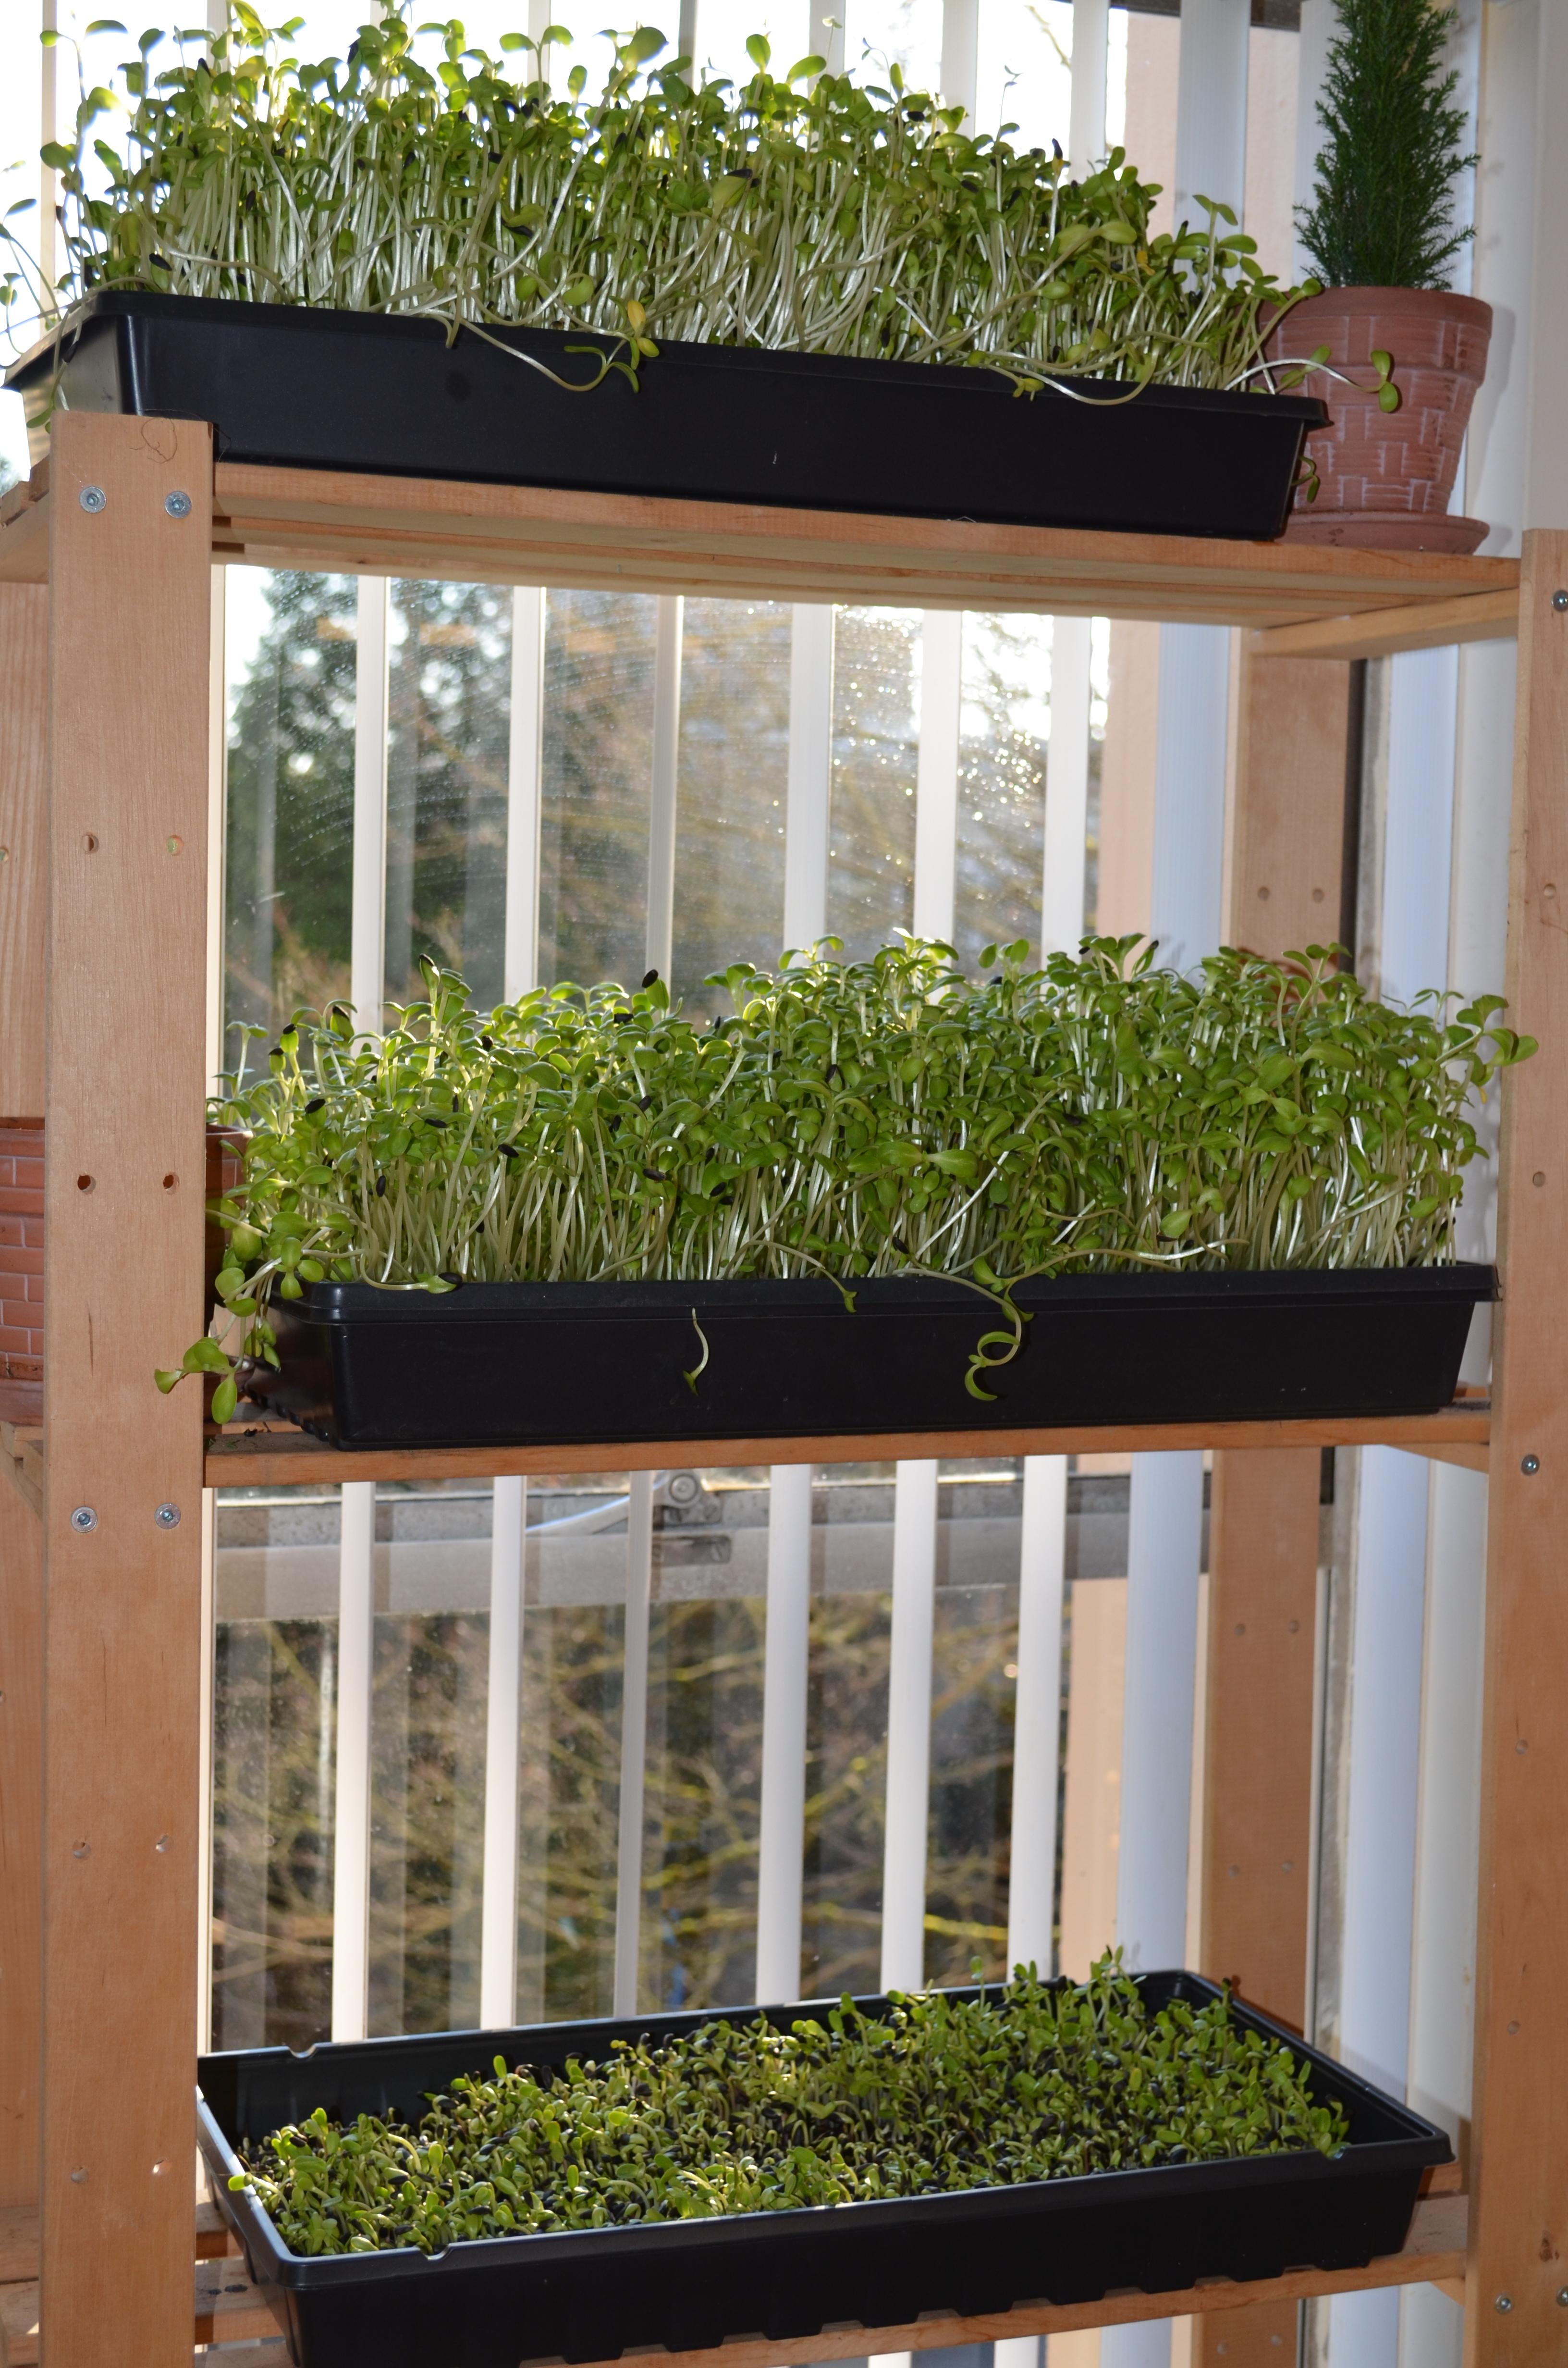 jardinage urbain int rieur cultiver des pousses de tournesol la maison chantale roy. Black Bedroom Furniture Sets. Home Design Ideas